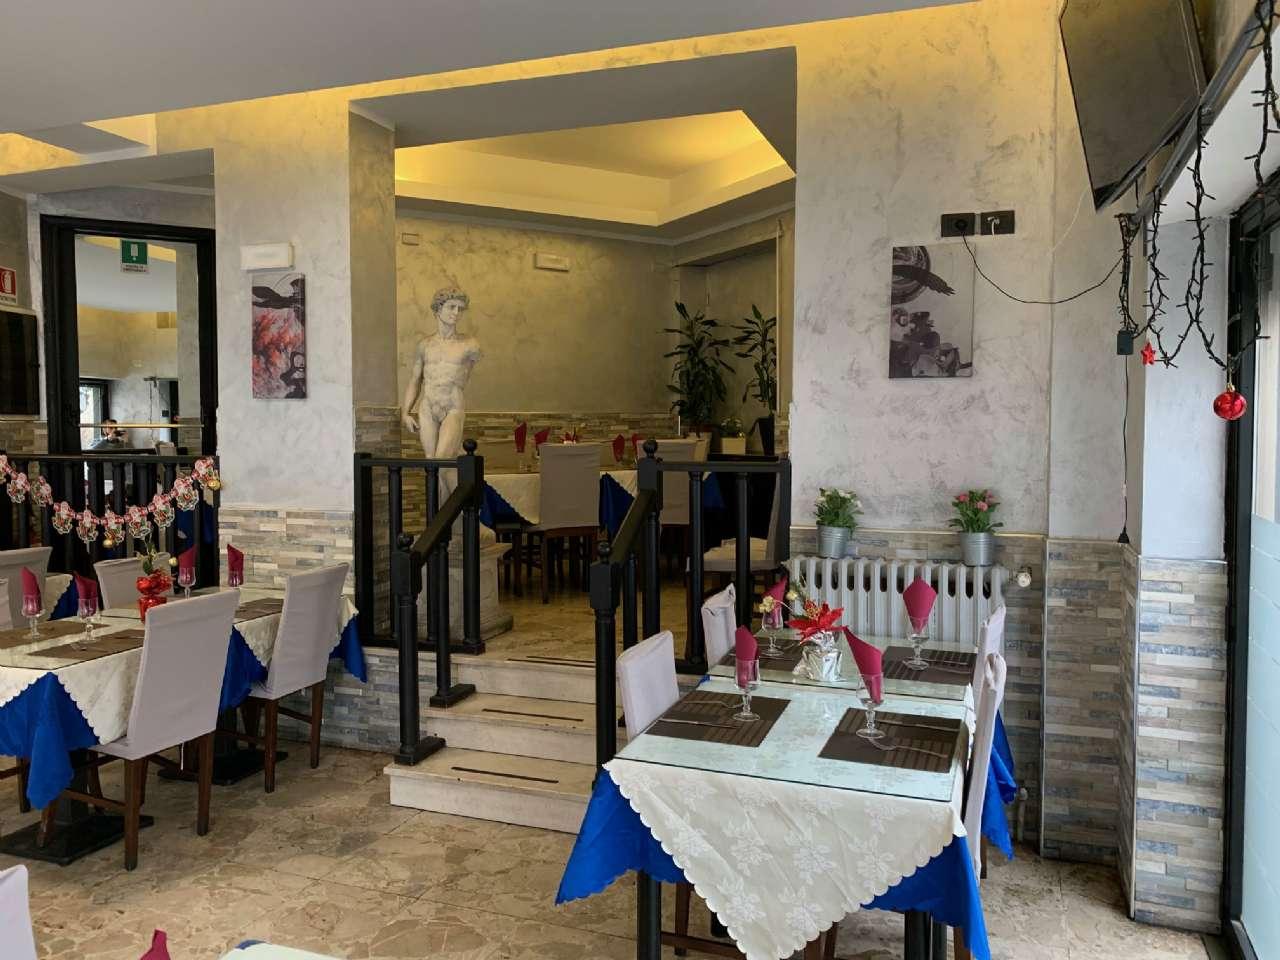 Ristorante / Pizzeria / Trattoria in vendita a Nichelino, 4 locali, prezzo € 30.000   PortaleAgenzieImmobiliari.it